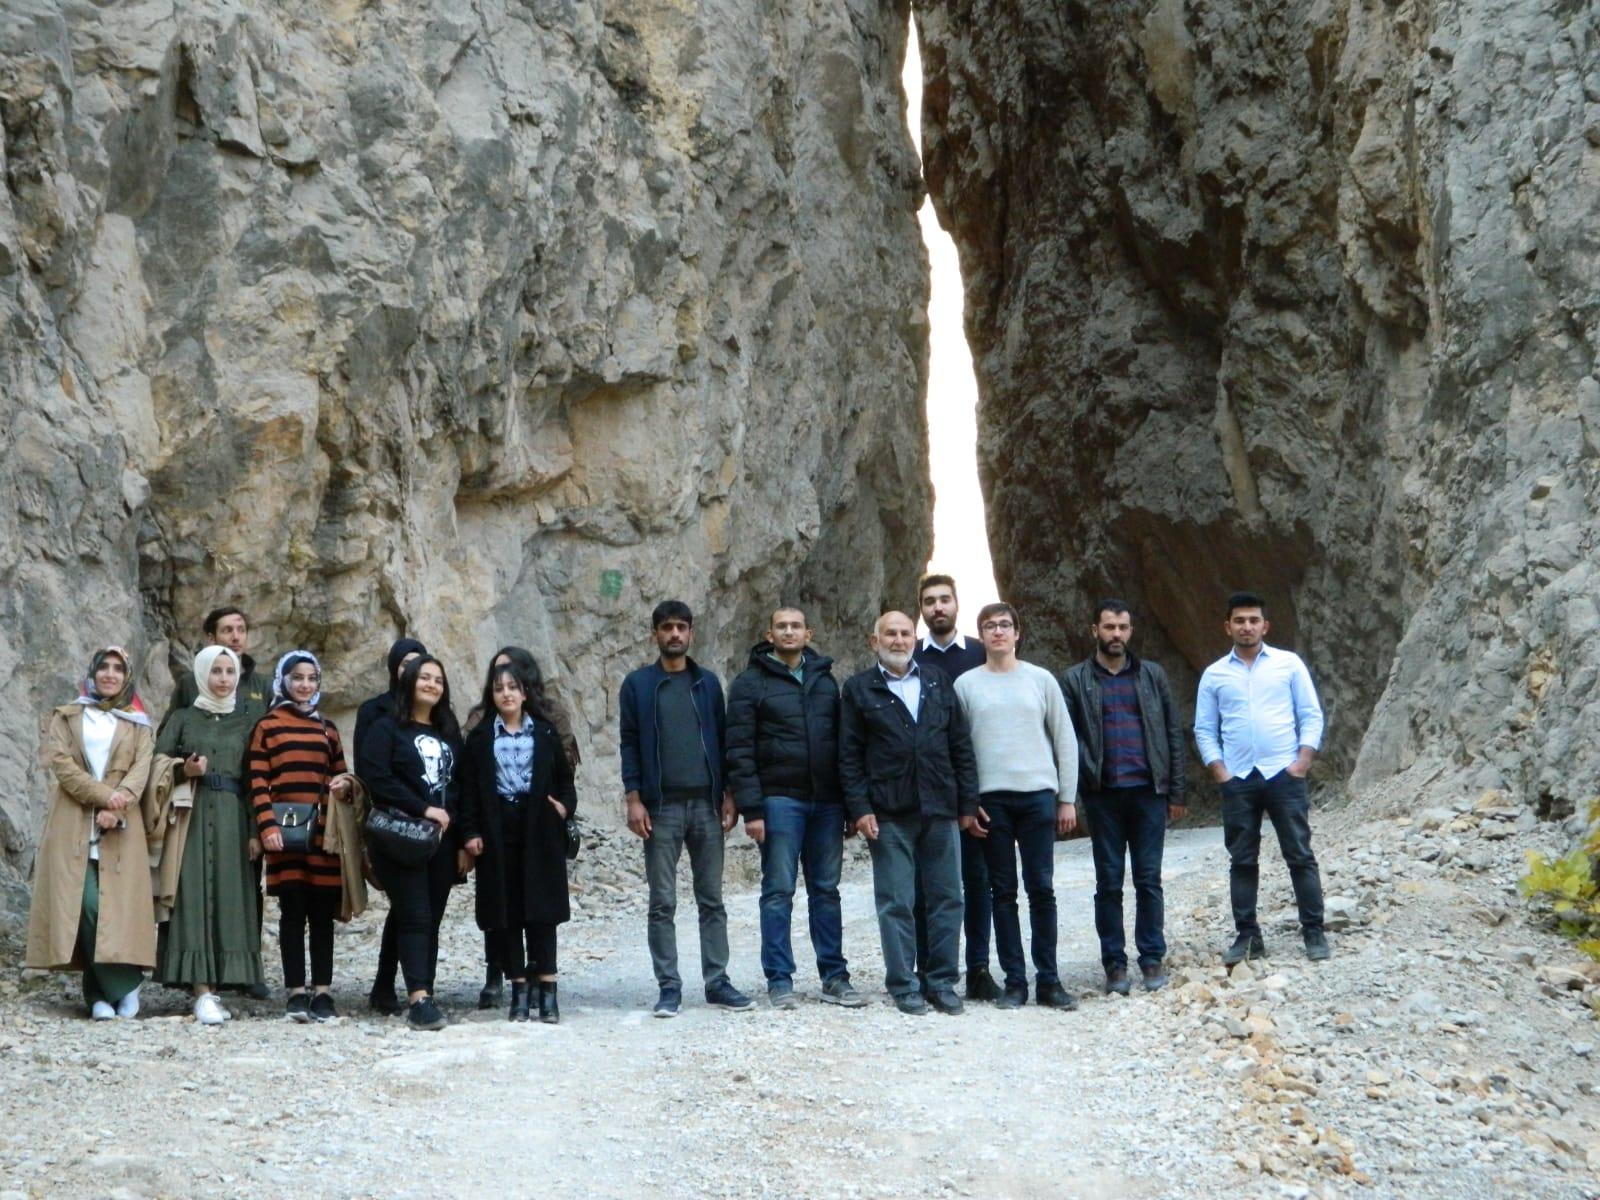 Erzincan Şubesince Kültür gezisi düzenledi